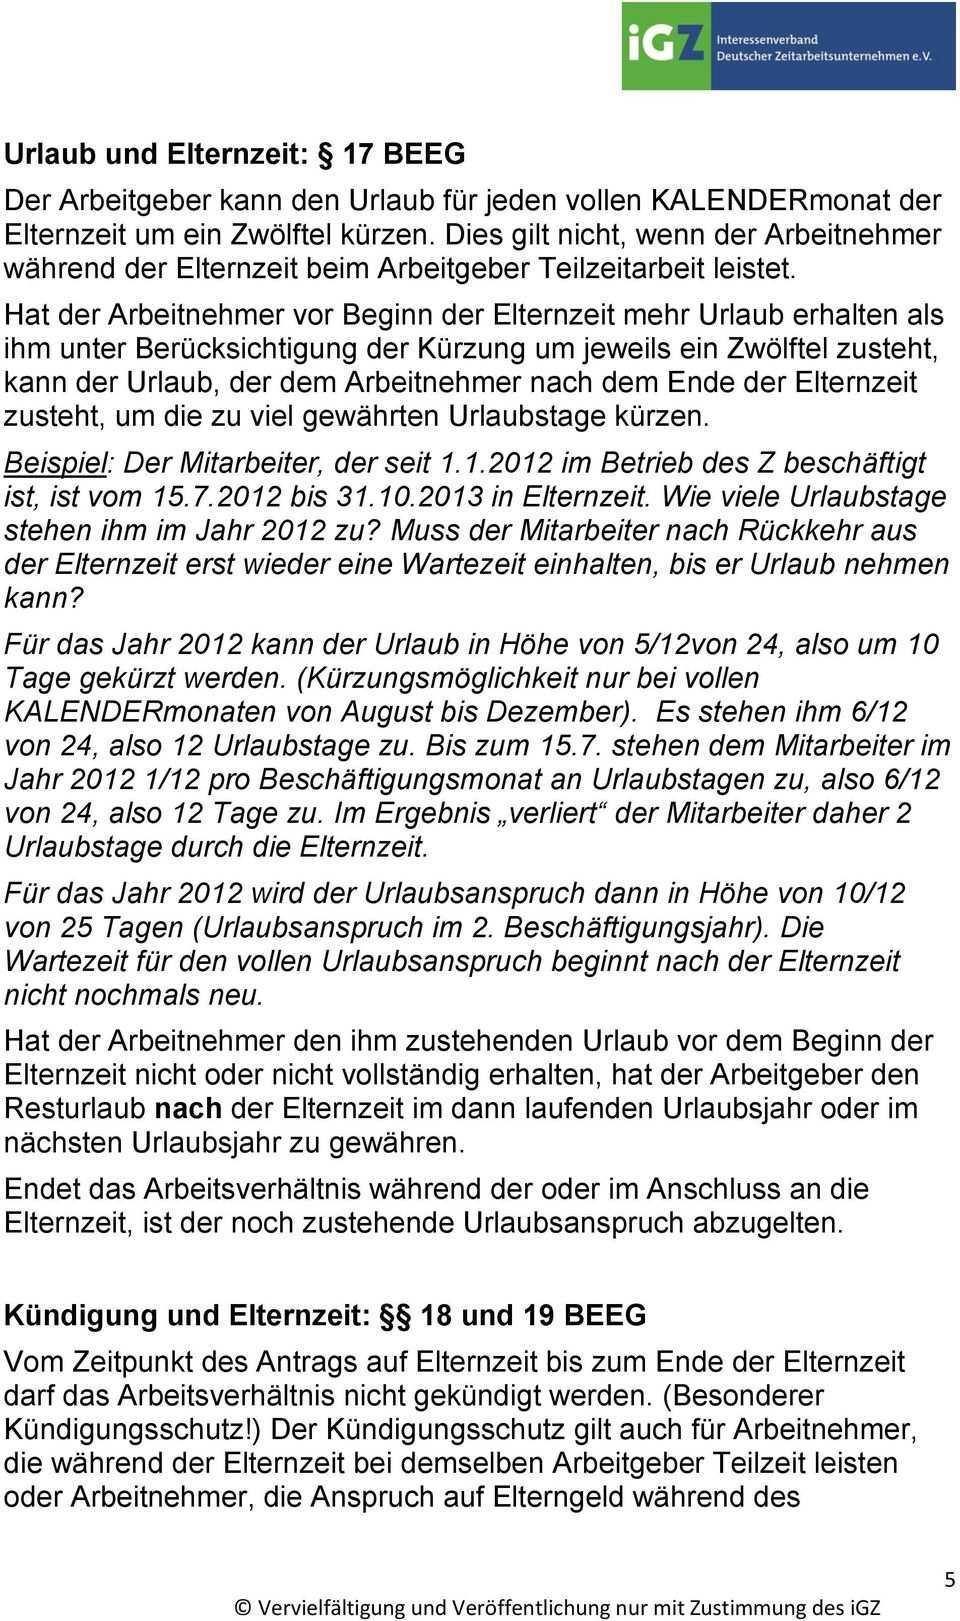 Infoblatt Mutterschutz Und Elternzeit Pdf Free Download